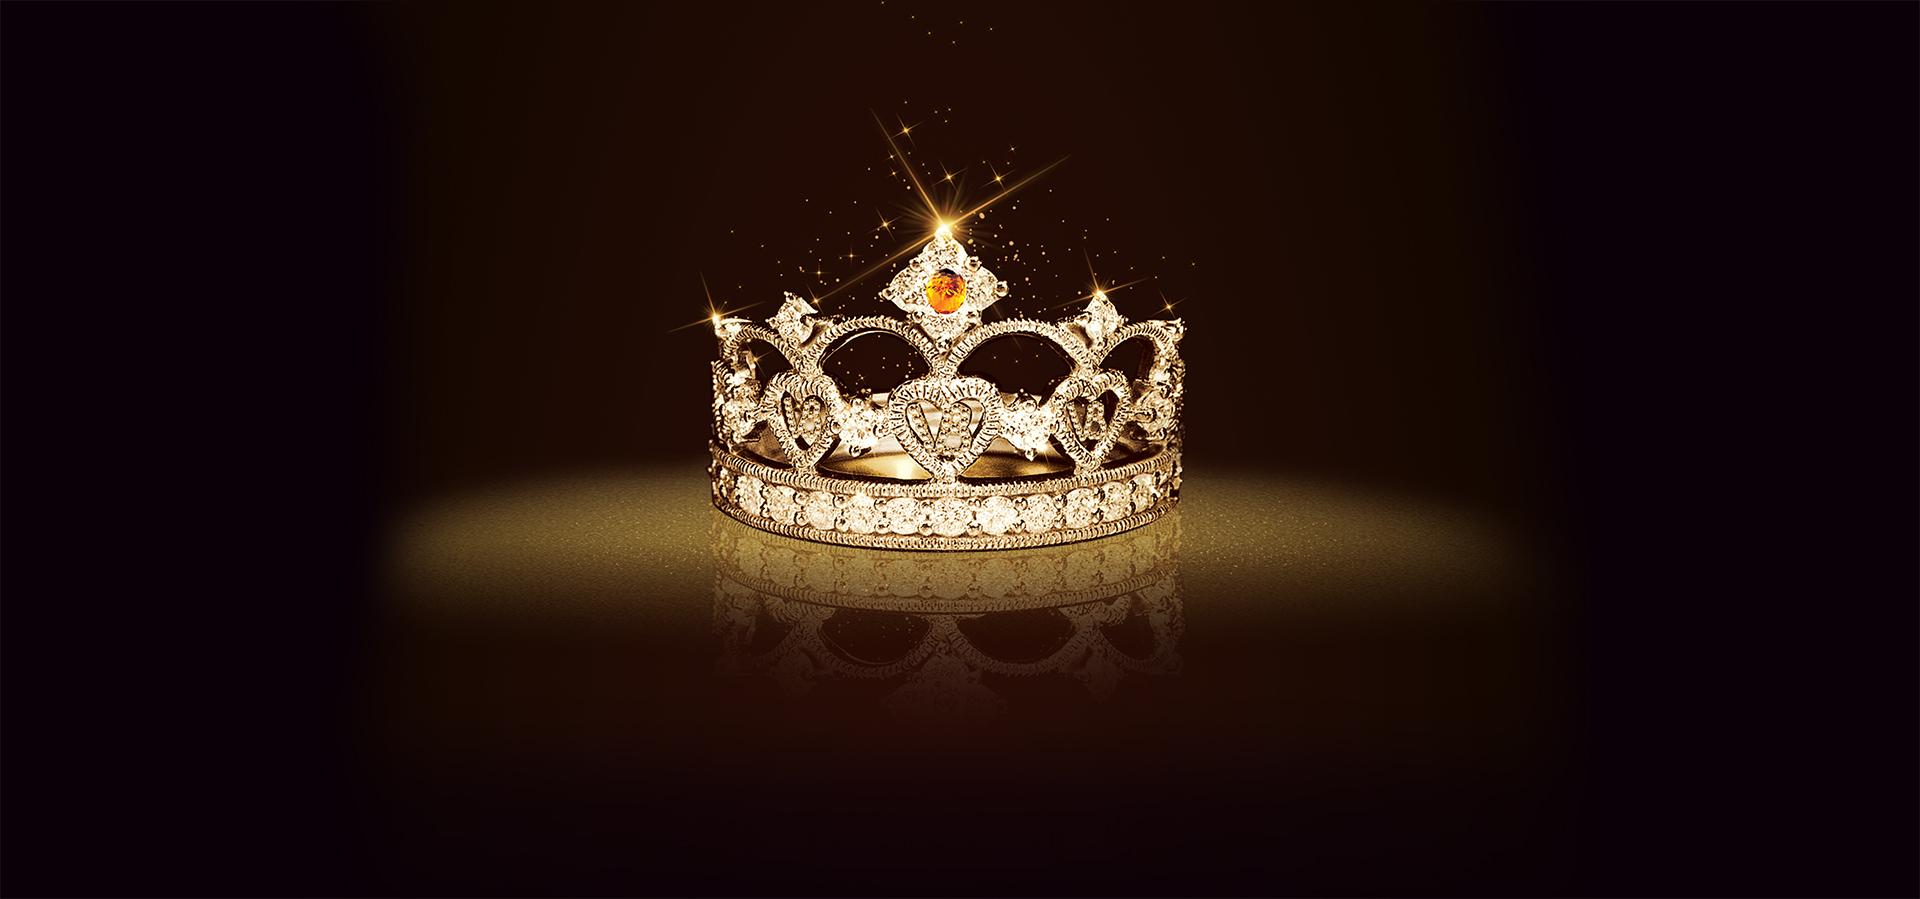 Crown Domineering Black Background, Imperial, Crown, Black ...